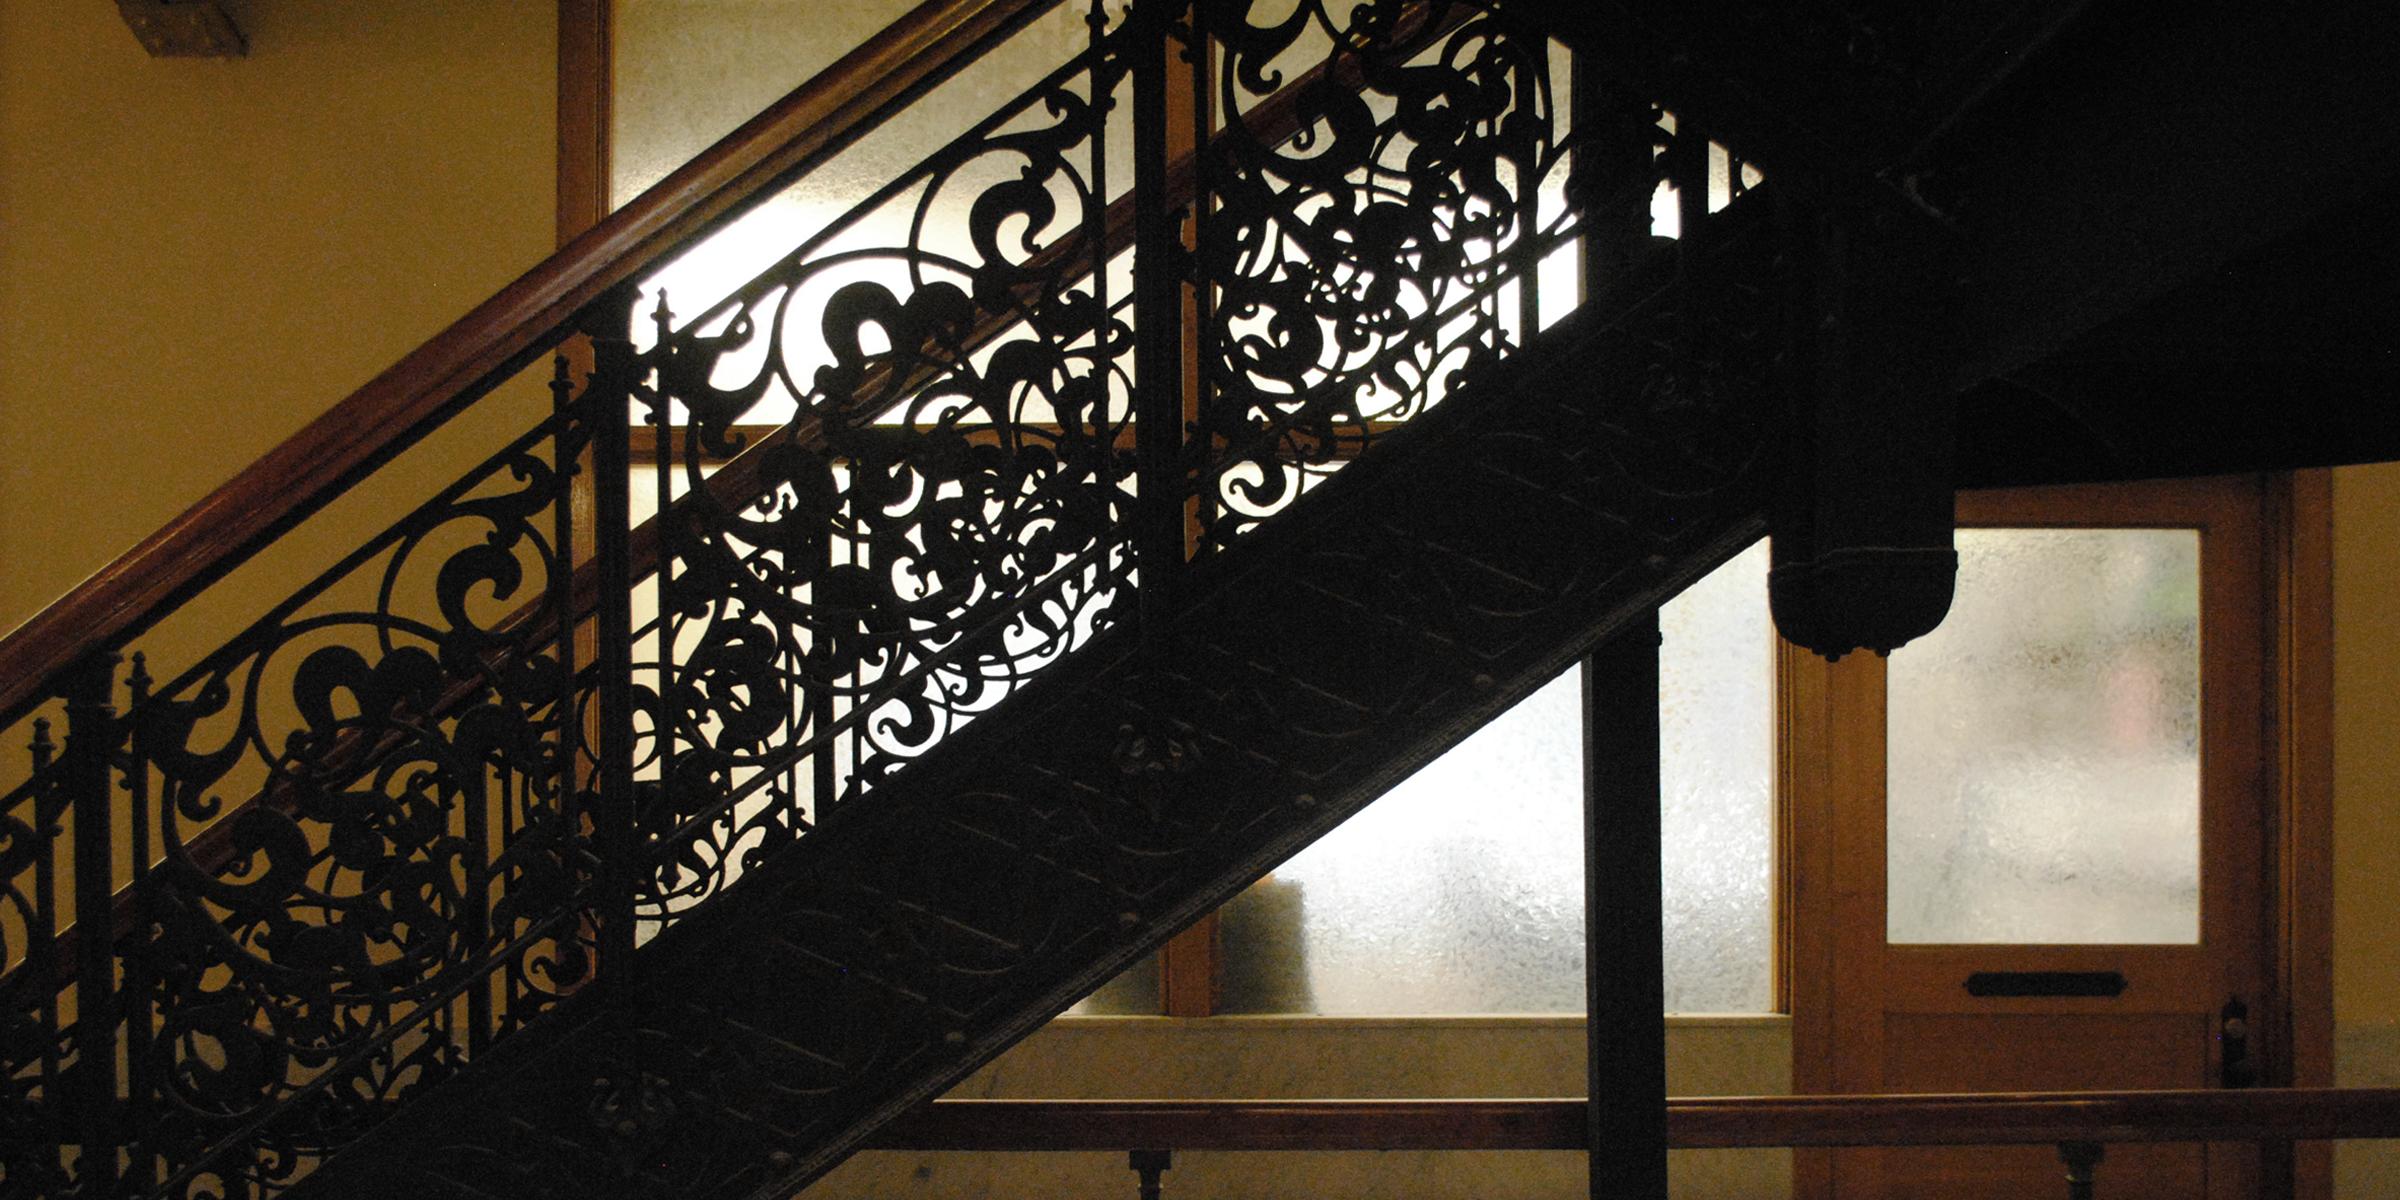 Juxtaposed stairs